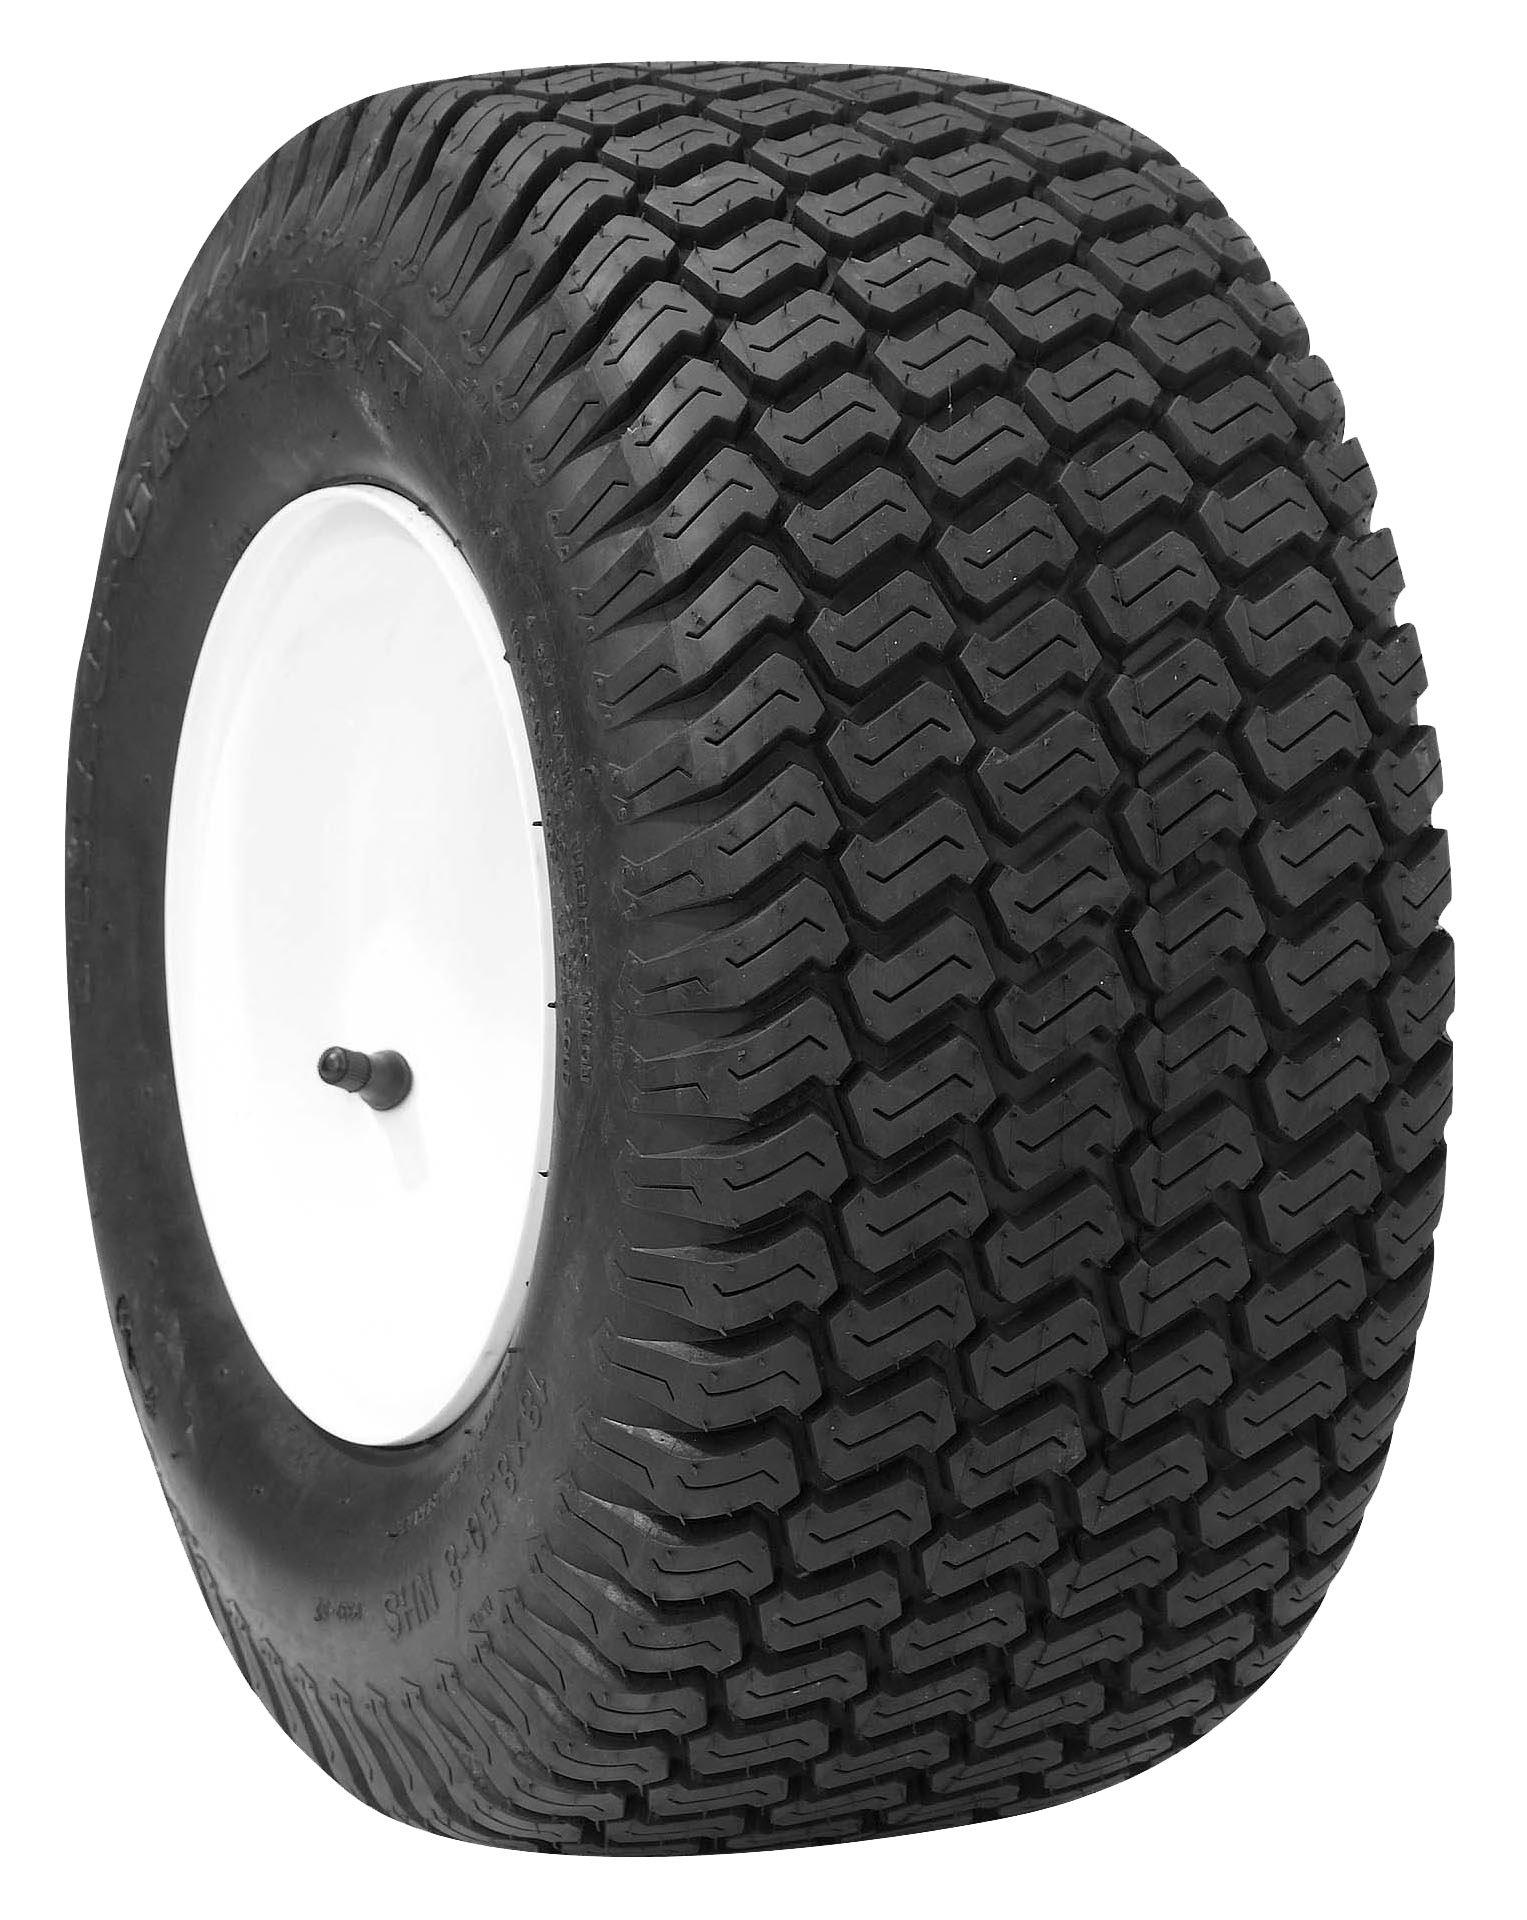 Trac Gard N766 Bias Tire - 18X950-8